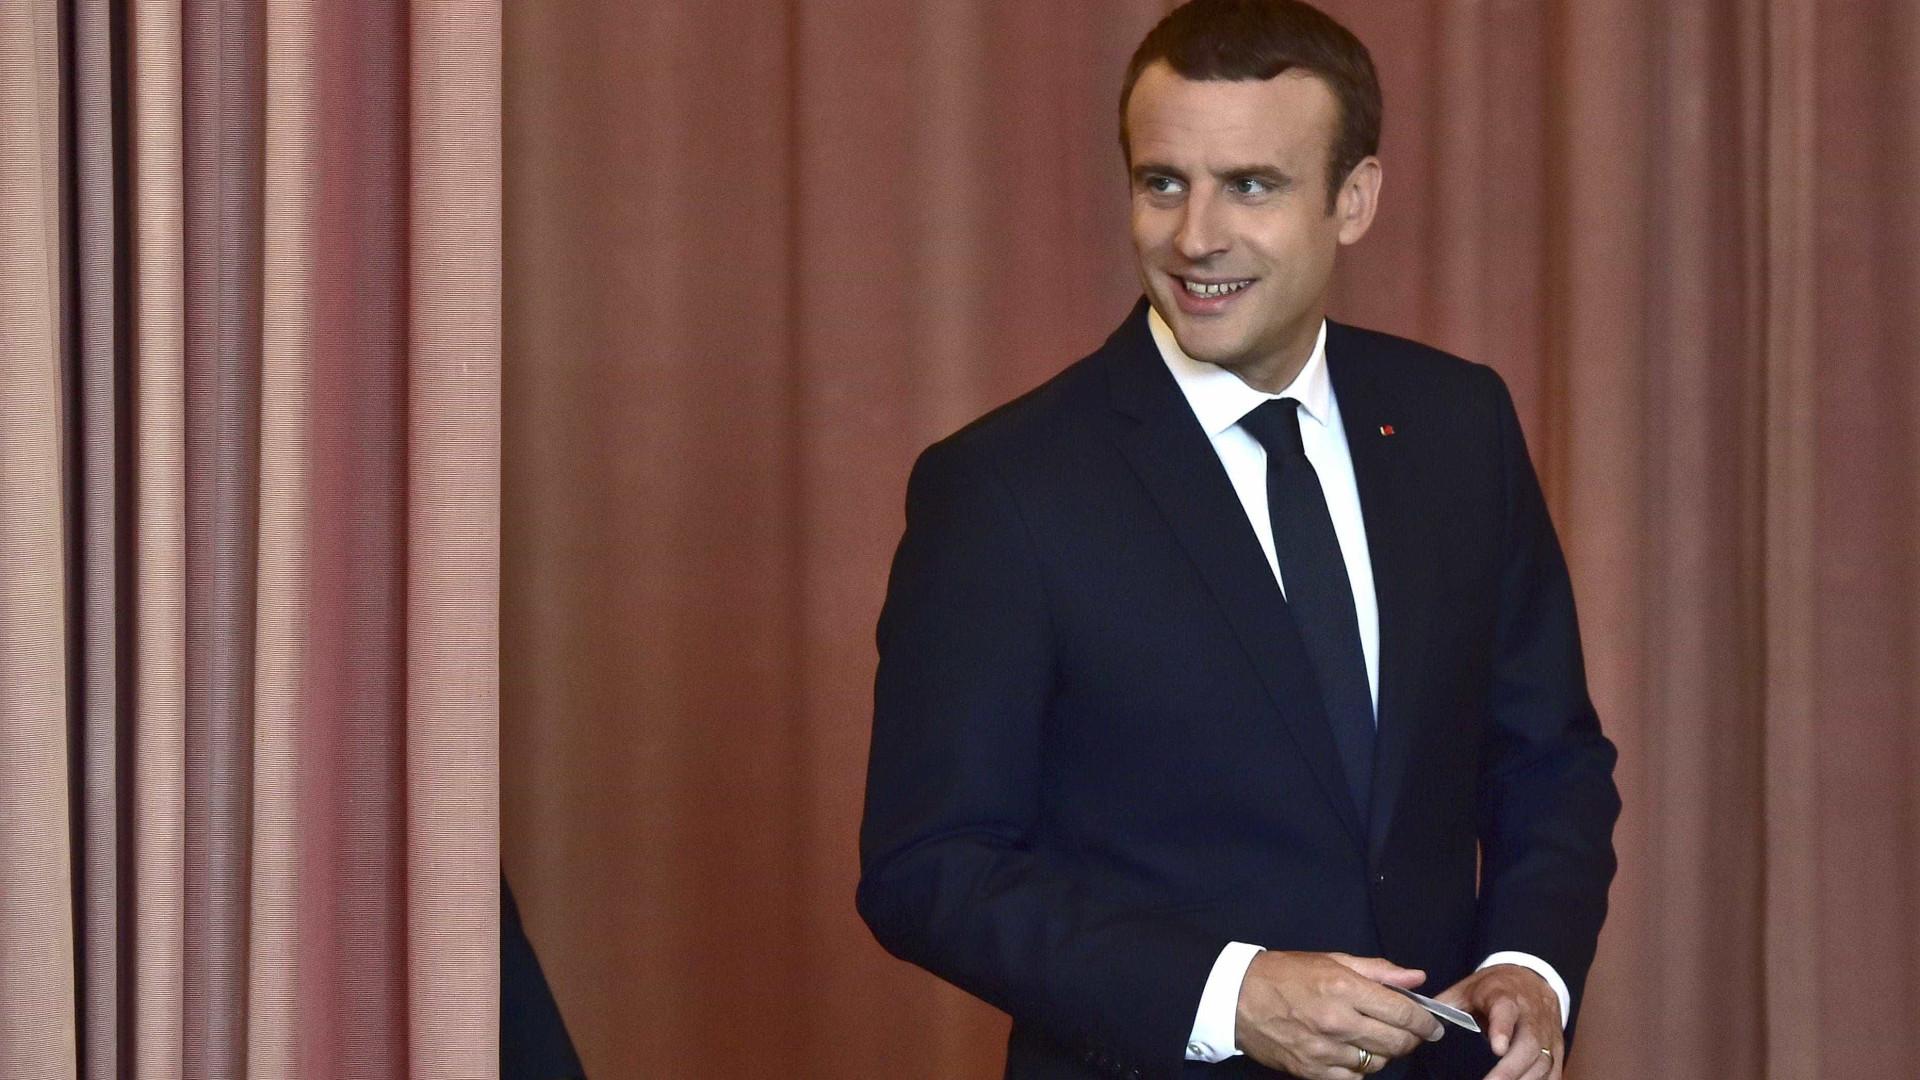 Maioria esmagadora para Macron, abstenção recorde ultrapassa 56%